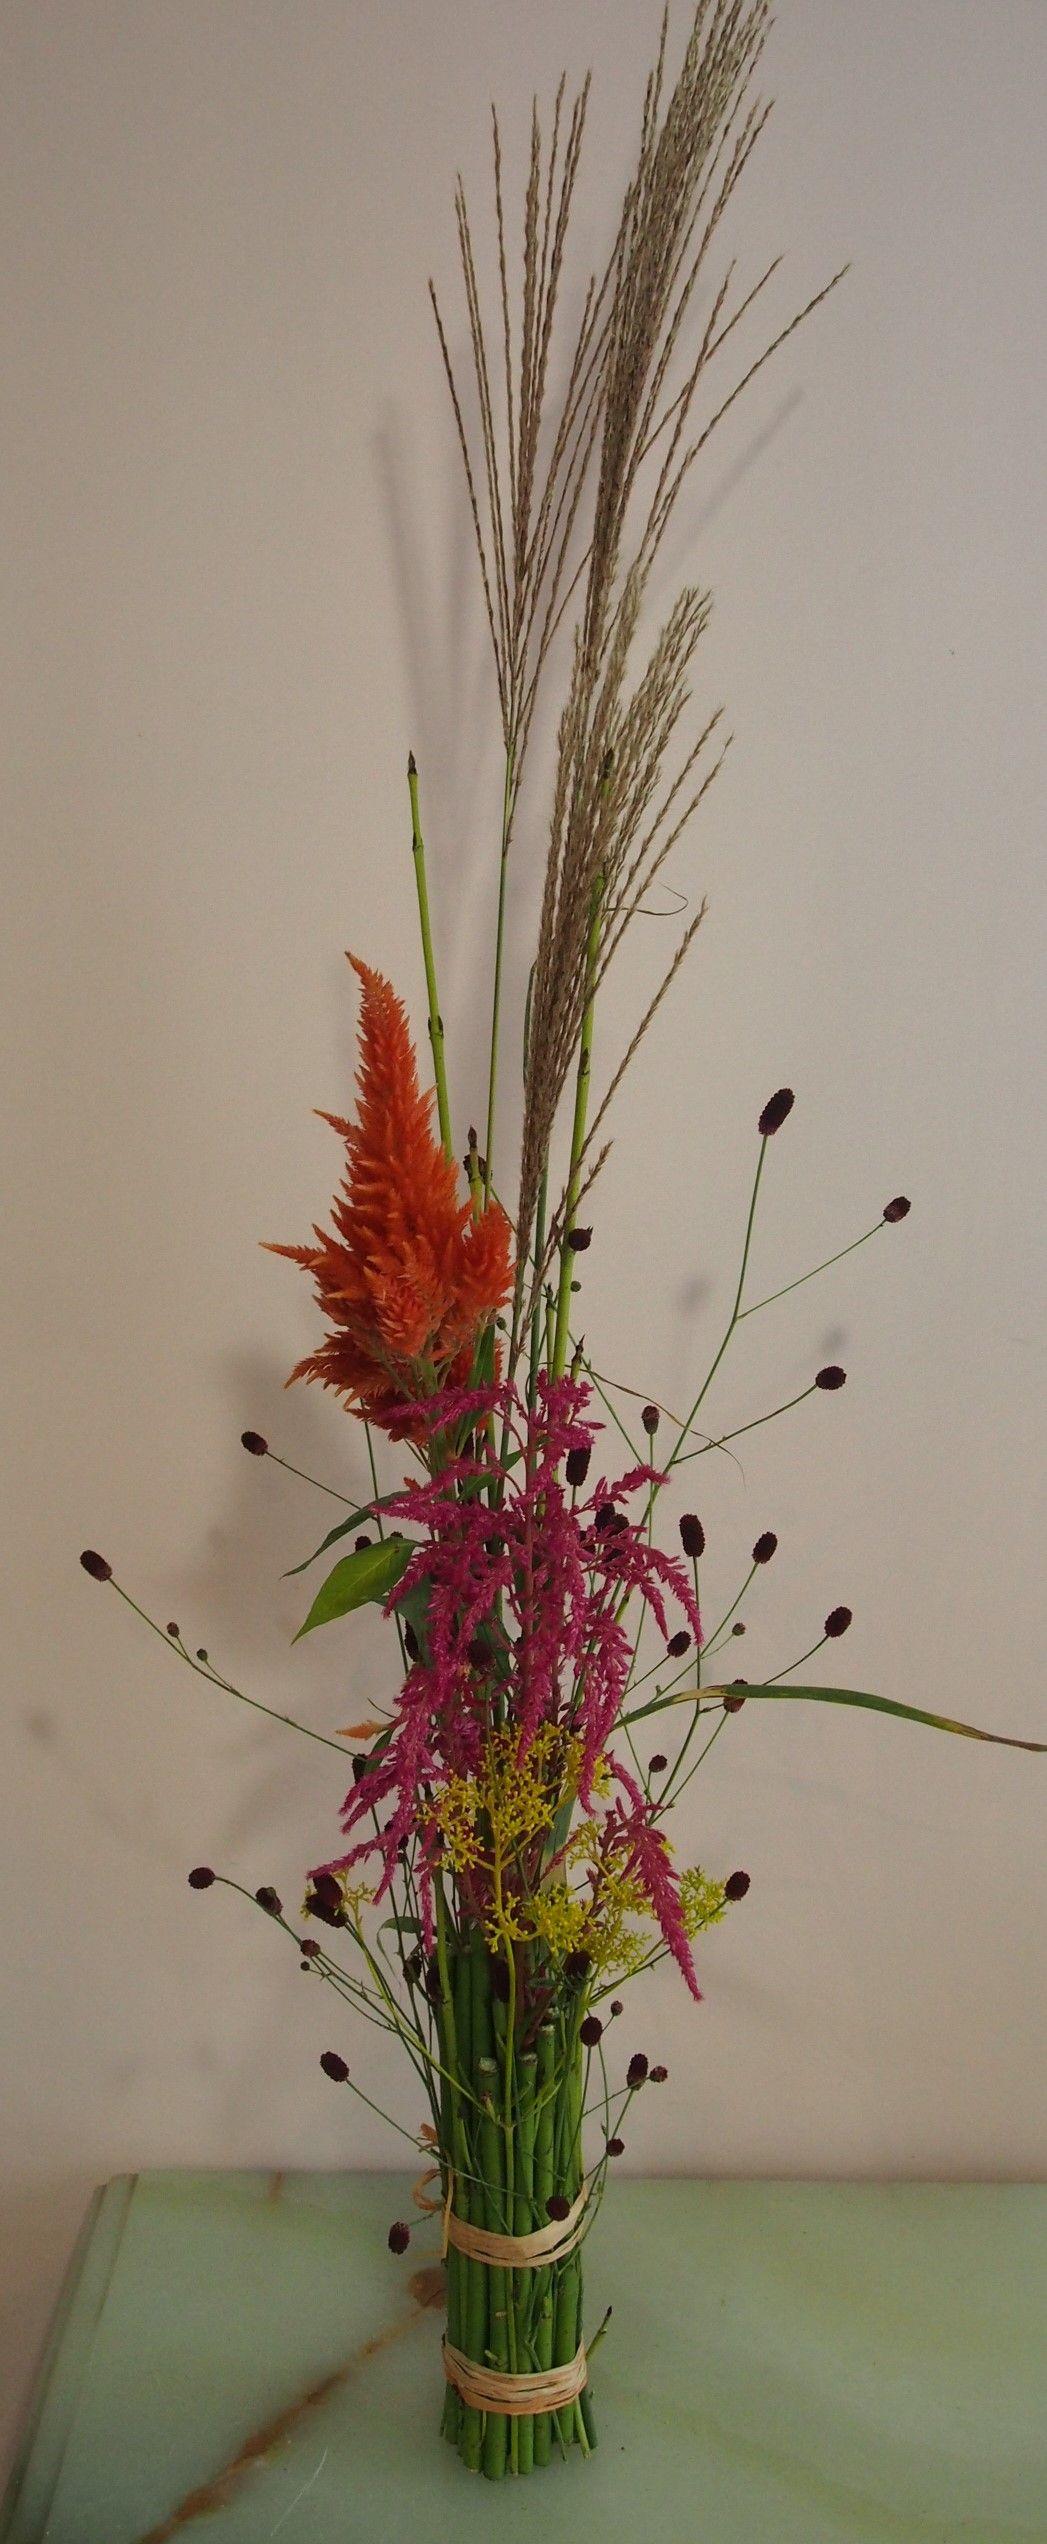 花ギフト フラワーギフト 誕生日 花 カノシェ話題 スタンド花 ウエディングブーケ 花束 花屋 koharasan